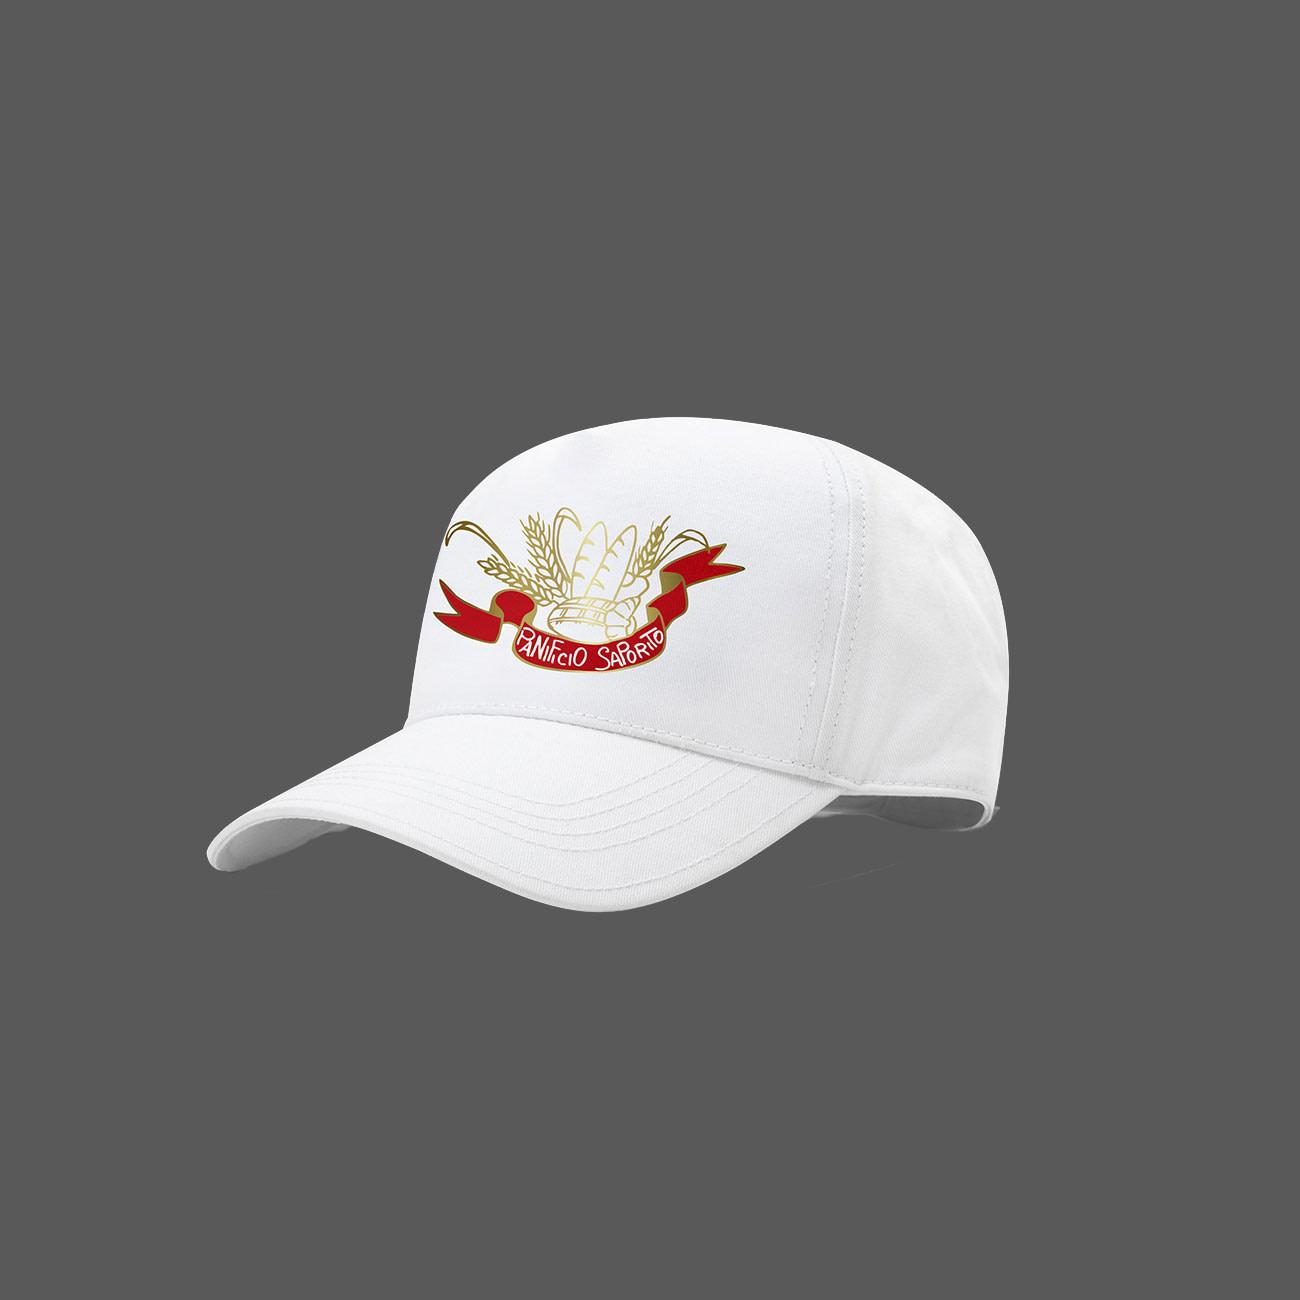 cappellino-panificio